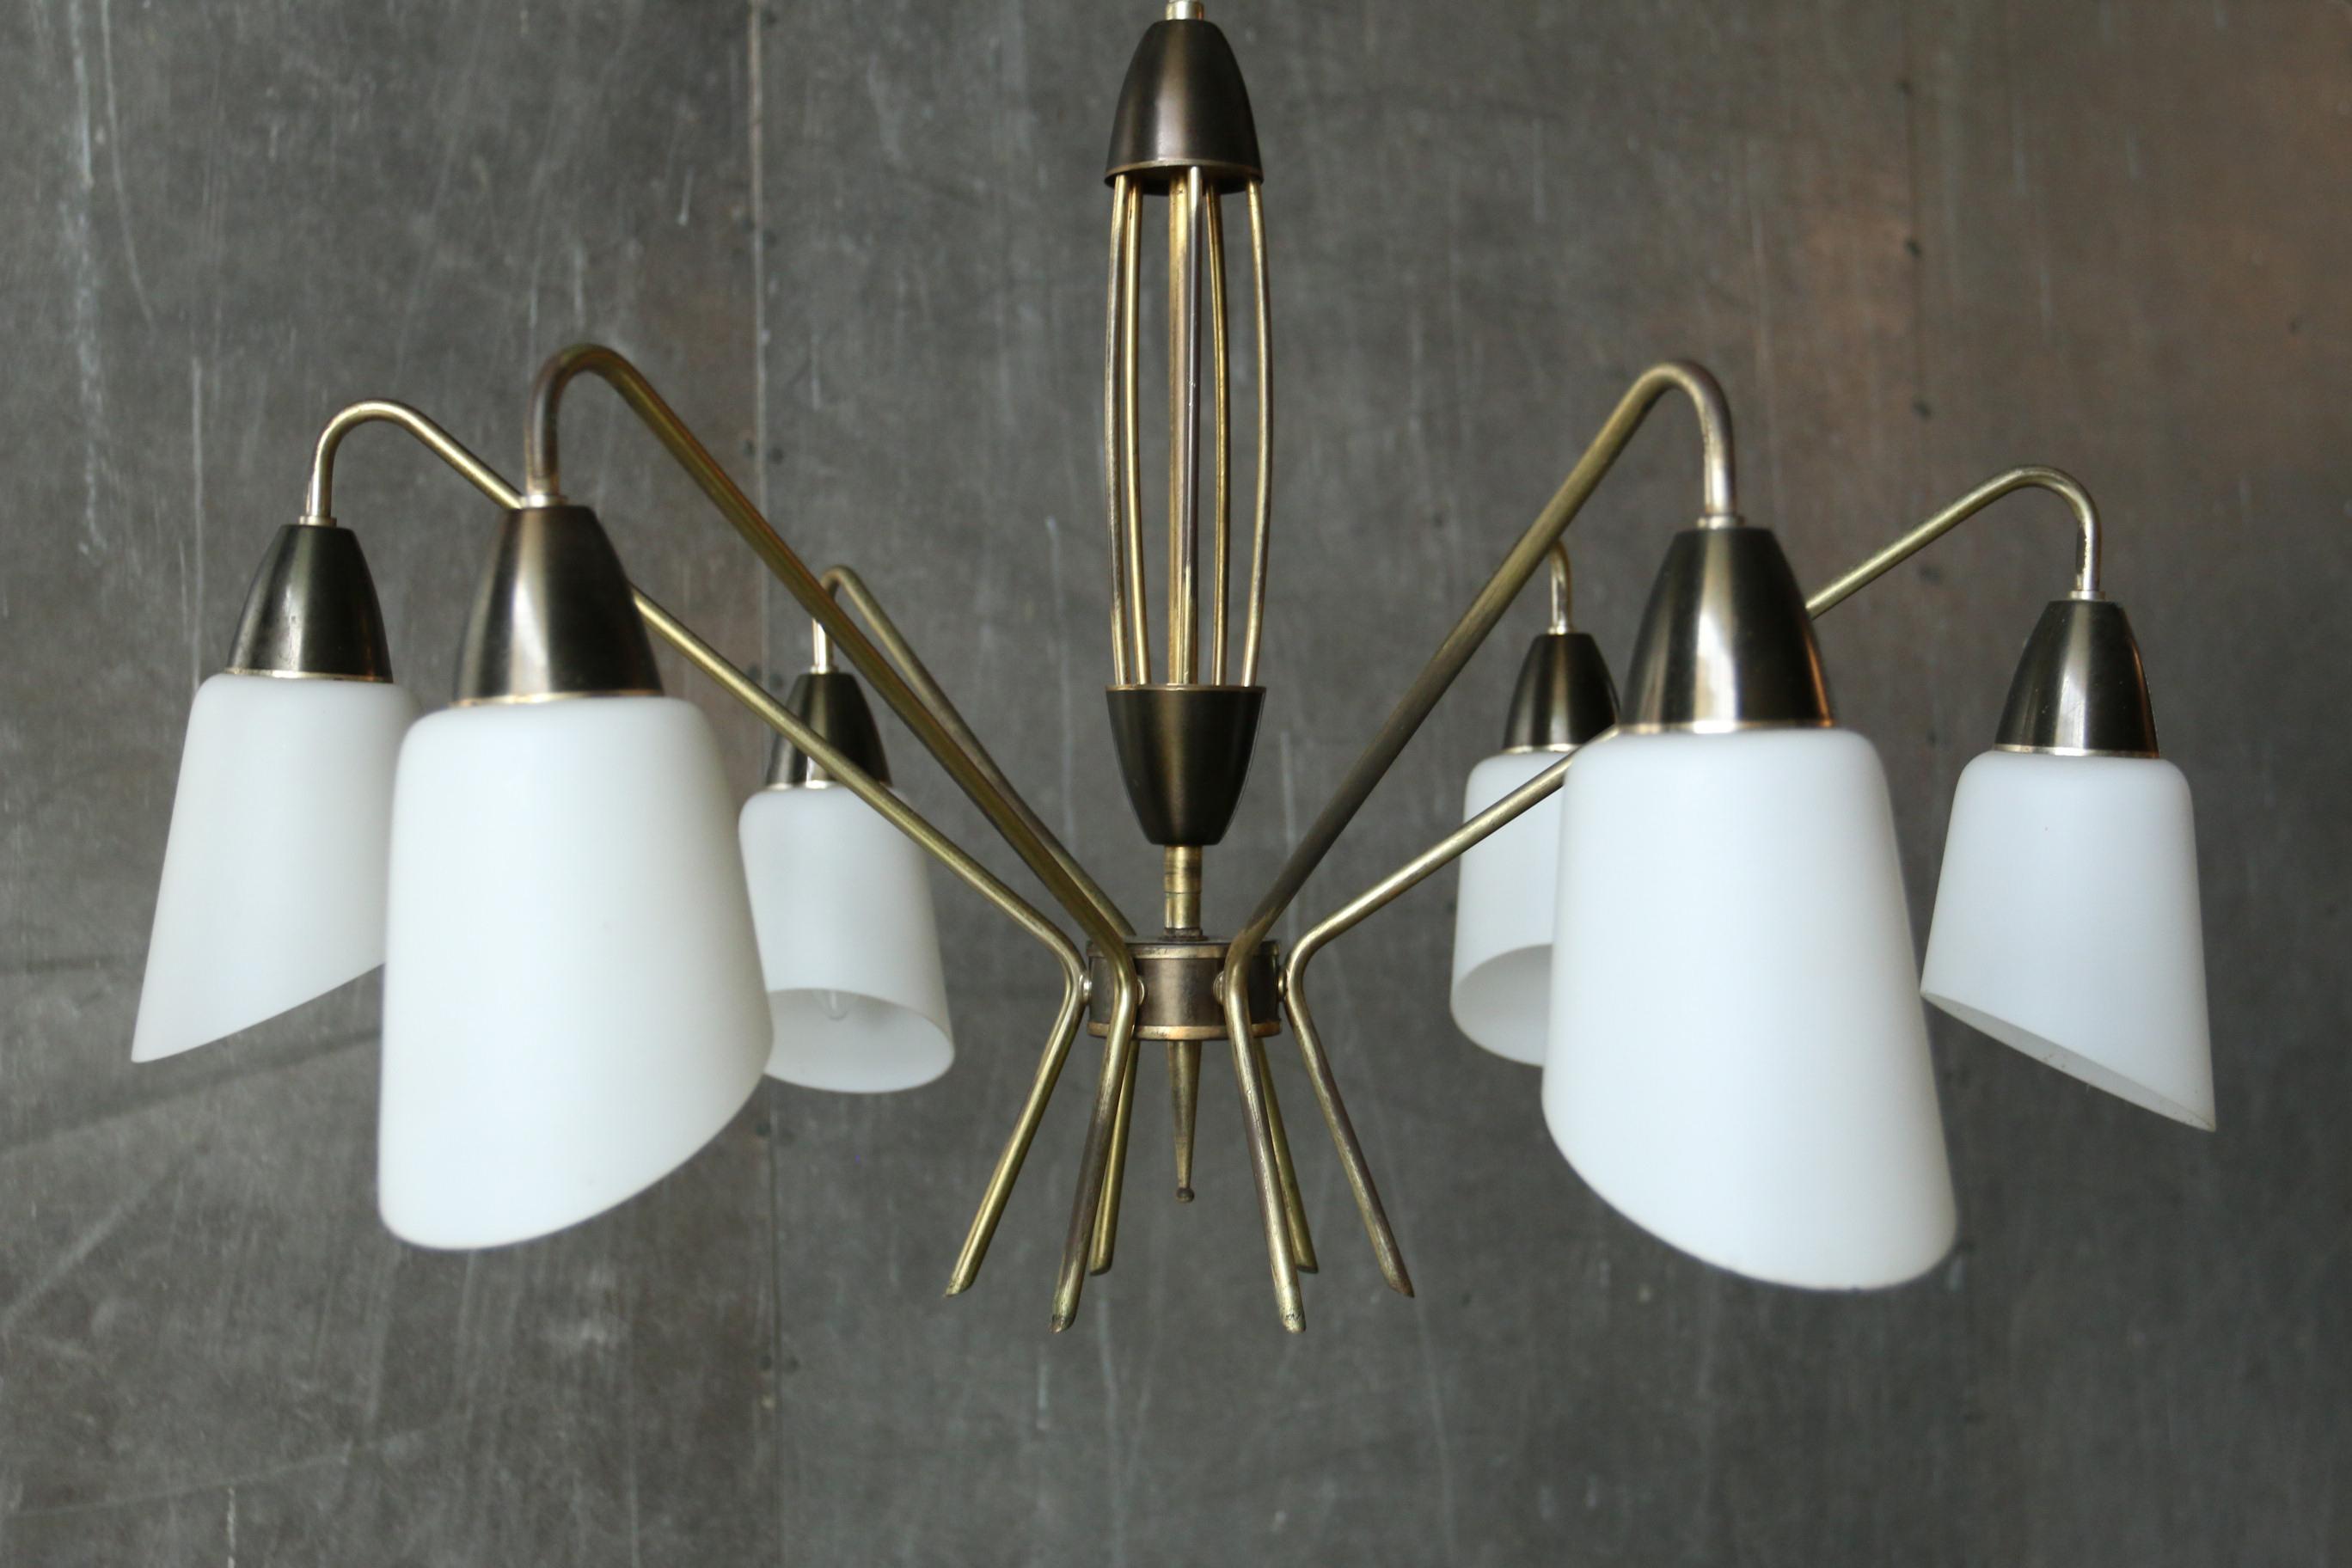 Vintage Design Stilnovo hanglamp jaren 50 – Dehuiszwaluw